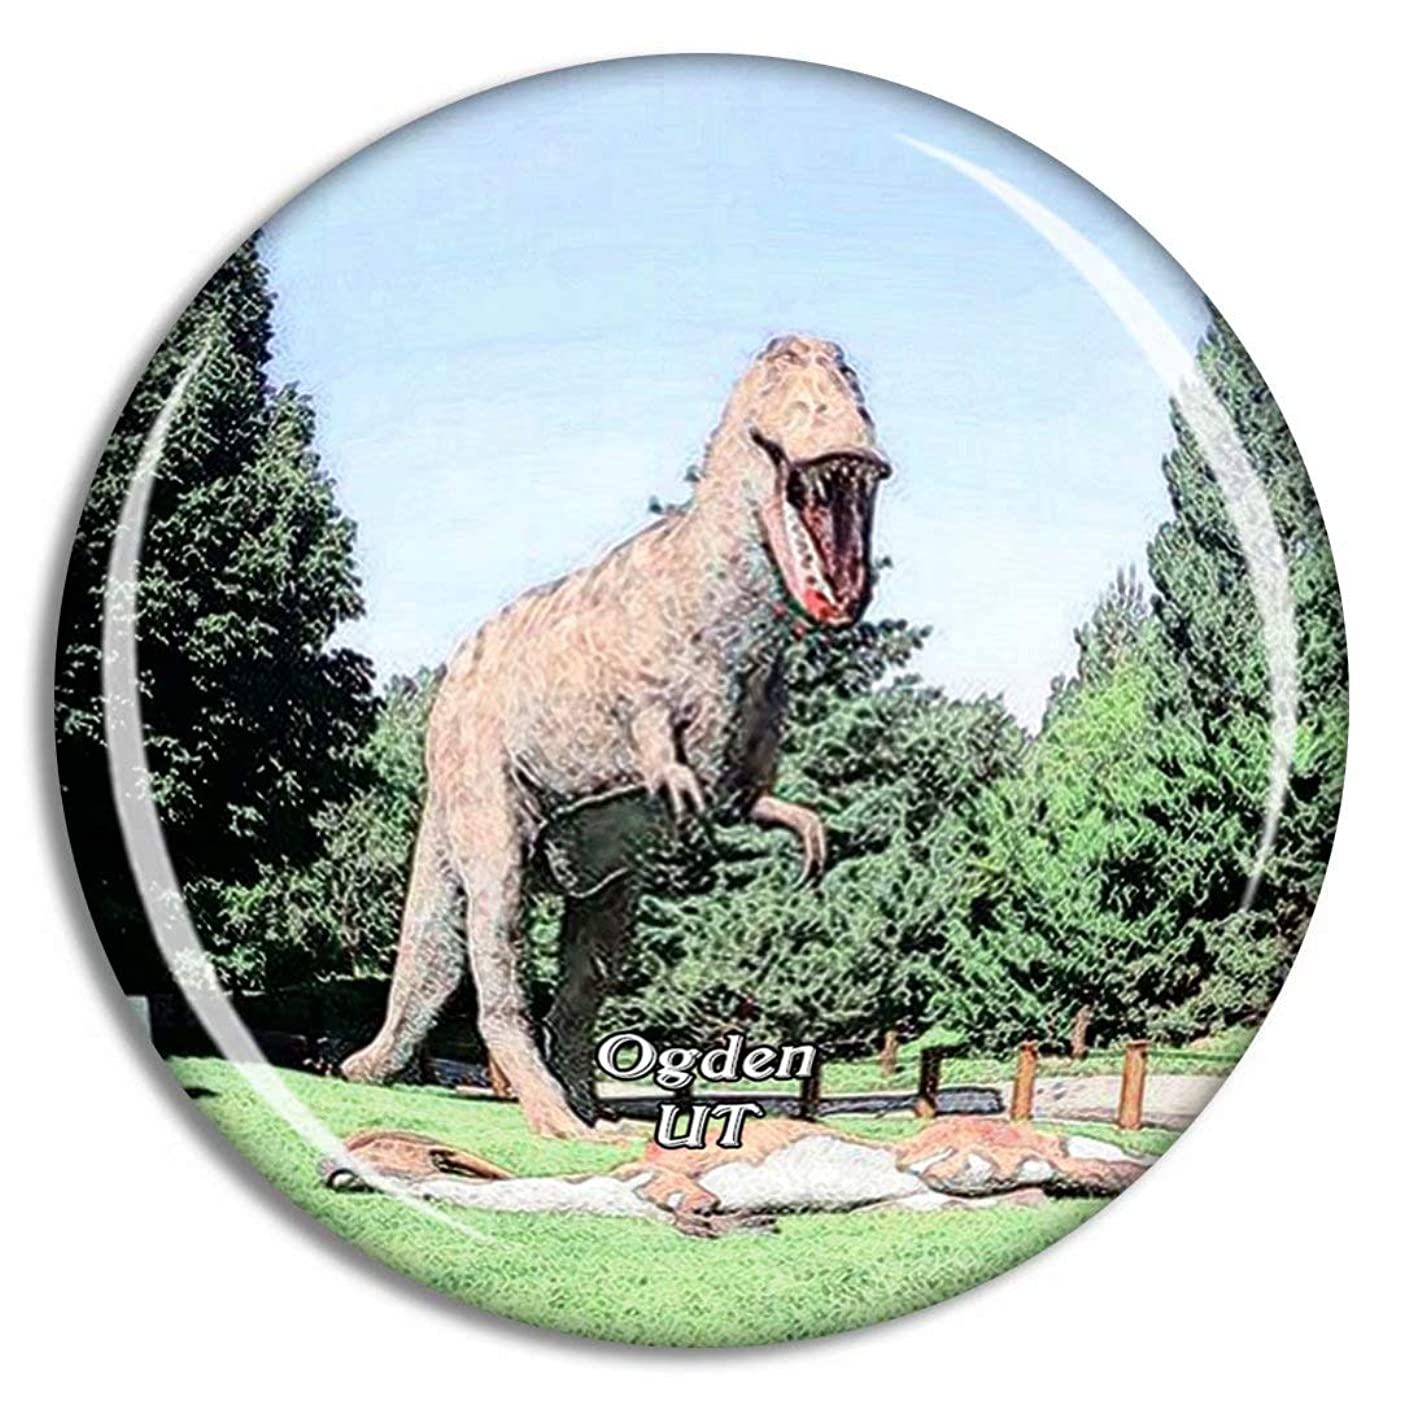 キャプションベット追い付くユタ州オグデン恐竜公園米国冷蔵庫マグネット3Dクリスタルガラス観光都市旅行お土産コレクションギフト強い冷蔵庫ステッカー